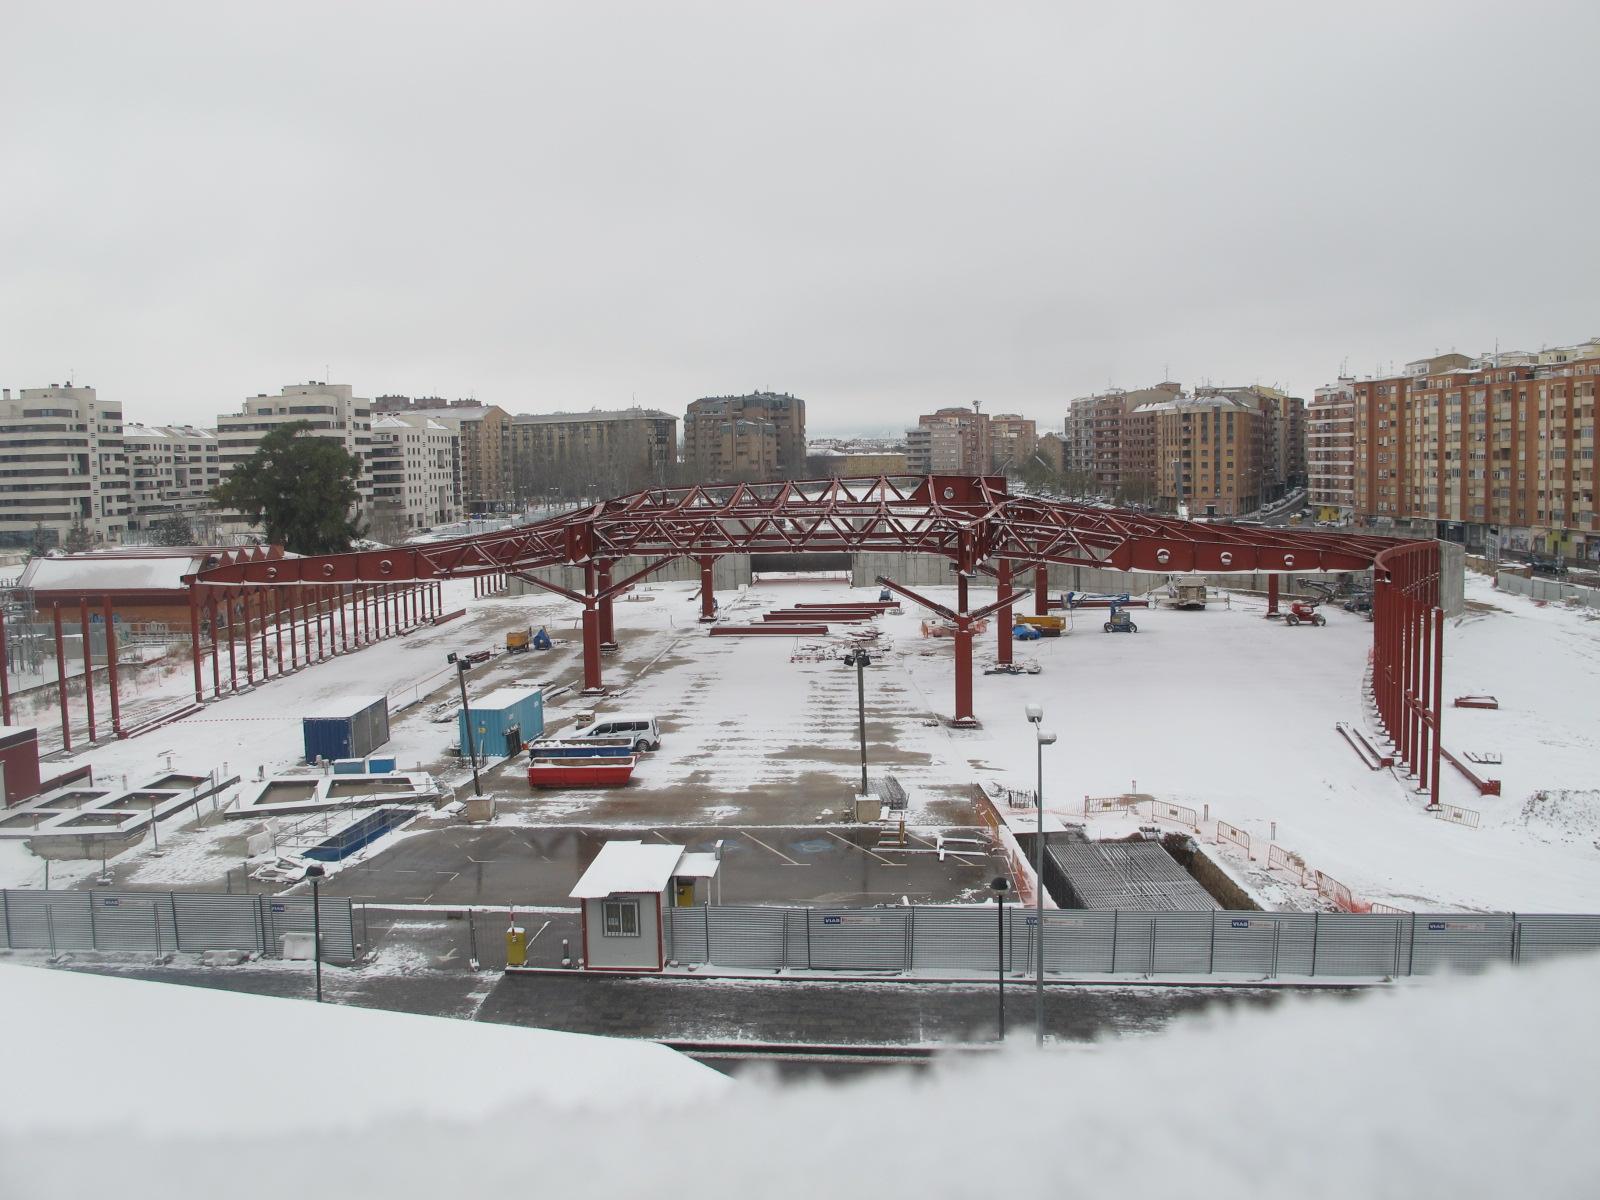 Estado de las obras de la Nueva Estación de Autobuses, febrero 2018